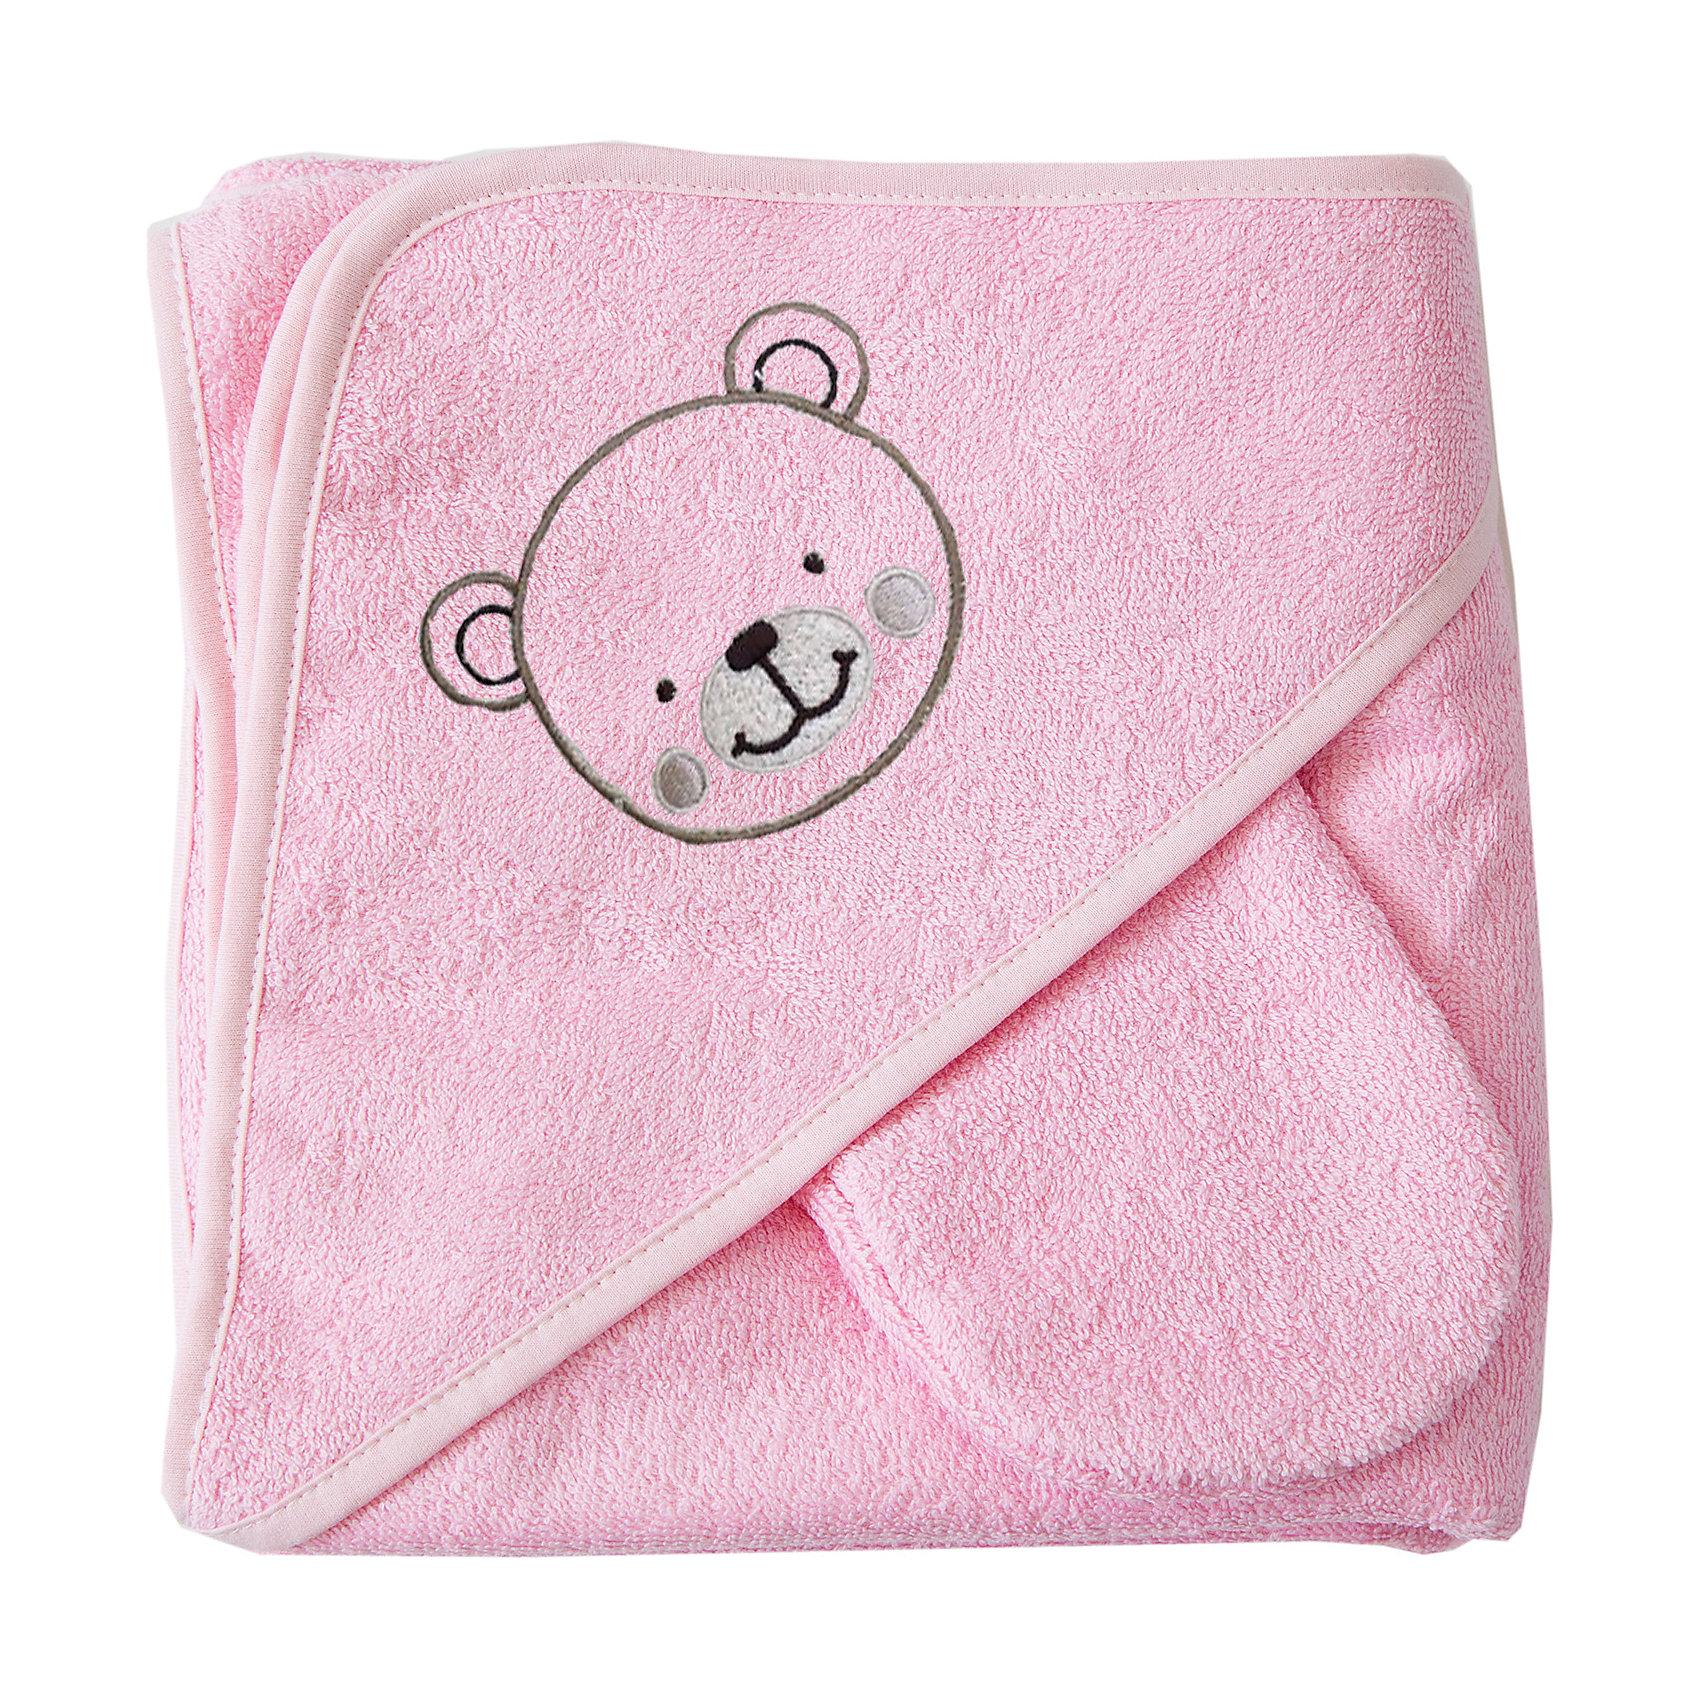 Махровое полотенце с уголком, 75х75 см., Baby Nice, розовыйПолотенца, мочалки, халаты<br>Комплект махровый для купания детский изготовлен из 100% натурального хлопка — уютный и очень комфортный по тактильным ощущениям. Специальная обработка плотной махровой ткани придает ей особые впитывающие влагу свойства, а также необыкновенную мягкость и пушистость. В комплект входит большой уголок 120Х120 см, который служит малышу одновременно полотенцем и капюшоном, а так же варежка для мытья ребенка и две салфетки. Комплекты махровые для купания окрашены гипоаллергенными красителями<br><br>Ширина мм: 250<br>Глубина мм: 250<br>Высота мм: 50<br>Вес г: 200<br>Возраст от месяцев: 0<br>Возраст до месяцев: 12<br>Пол: Унисекс<br>Возраст: Детский<br>SKU: 6885014